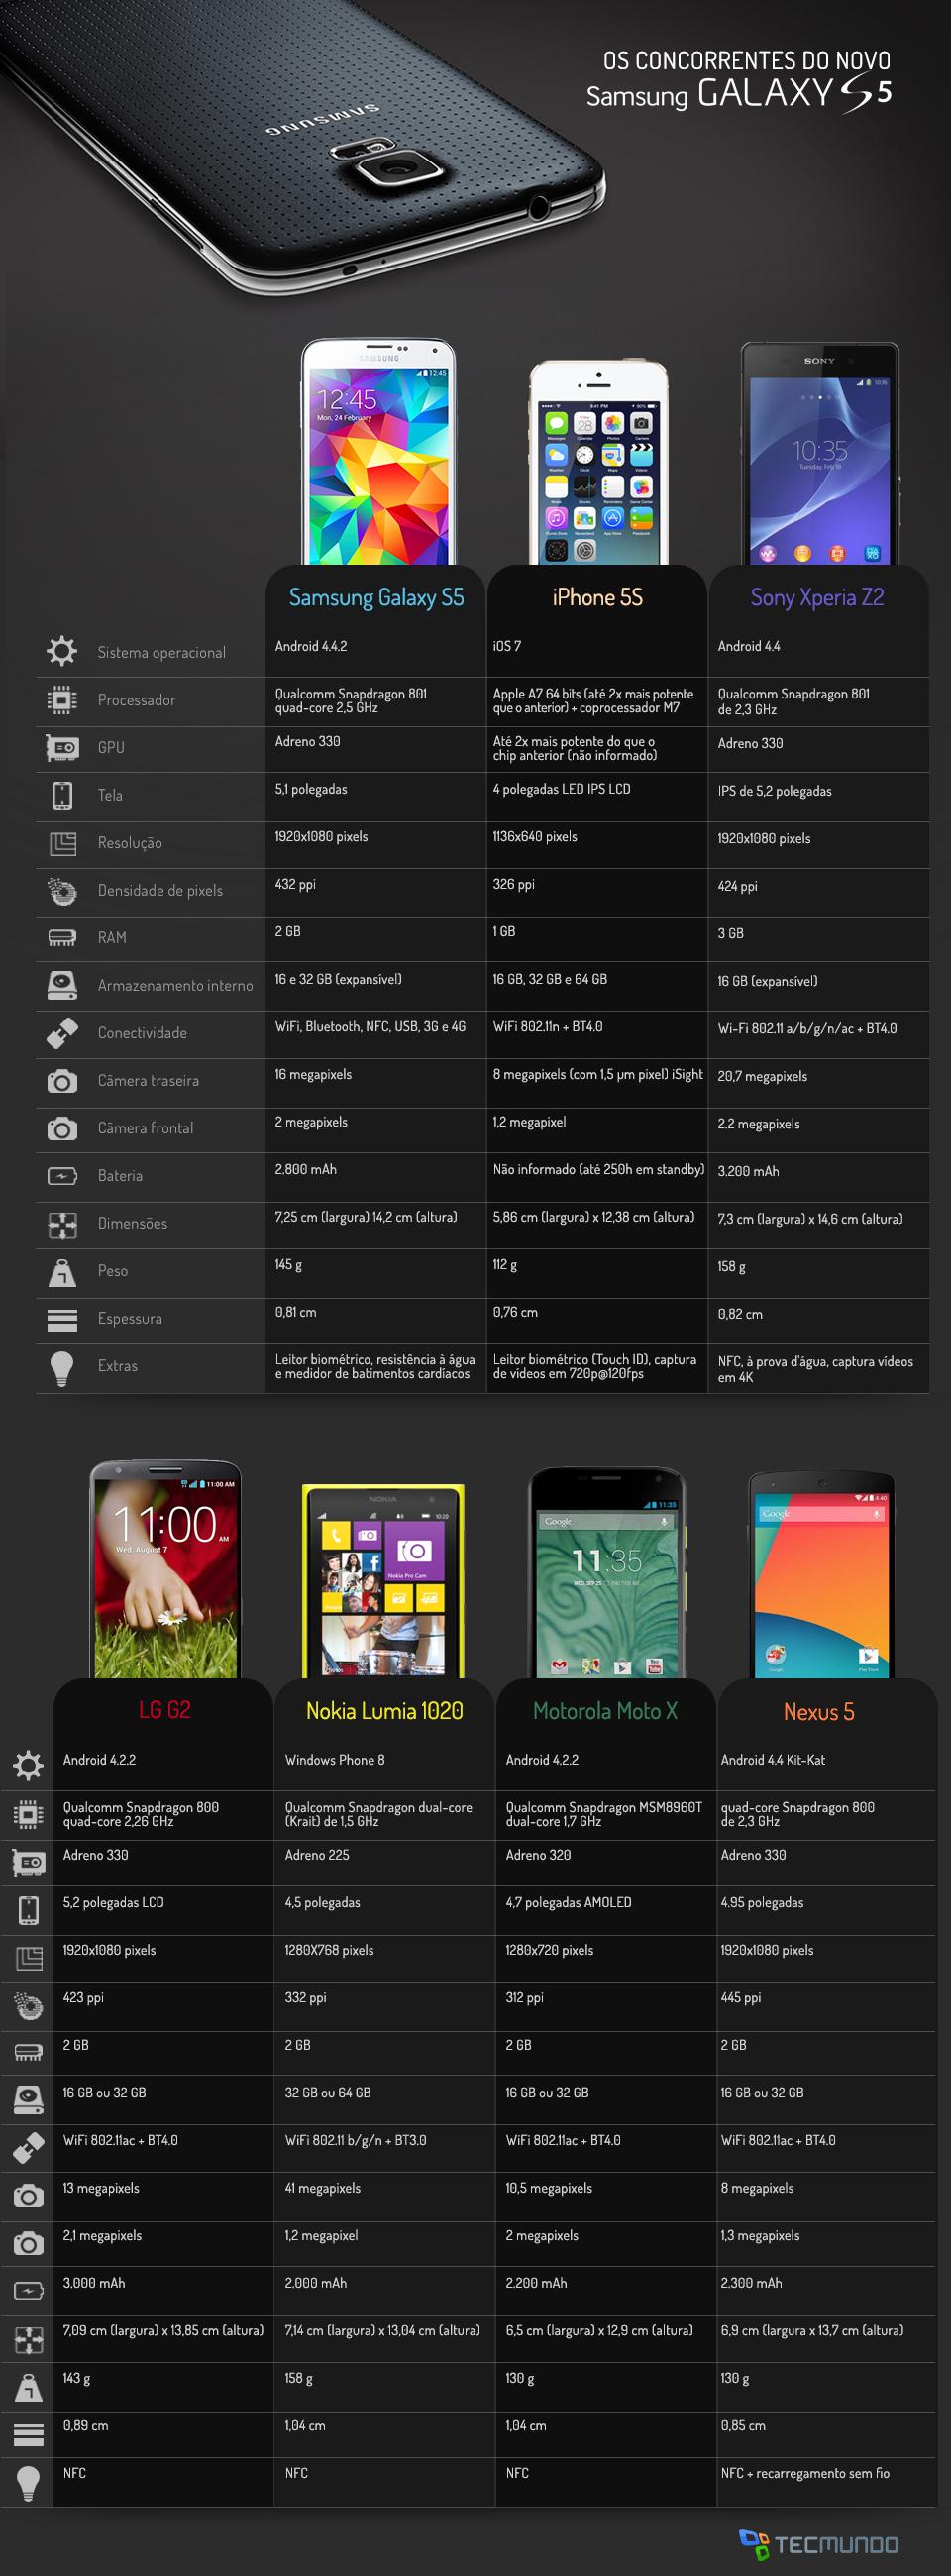 Comparação: Samsung Galaxy S5 contra os principais smartphones do mercado